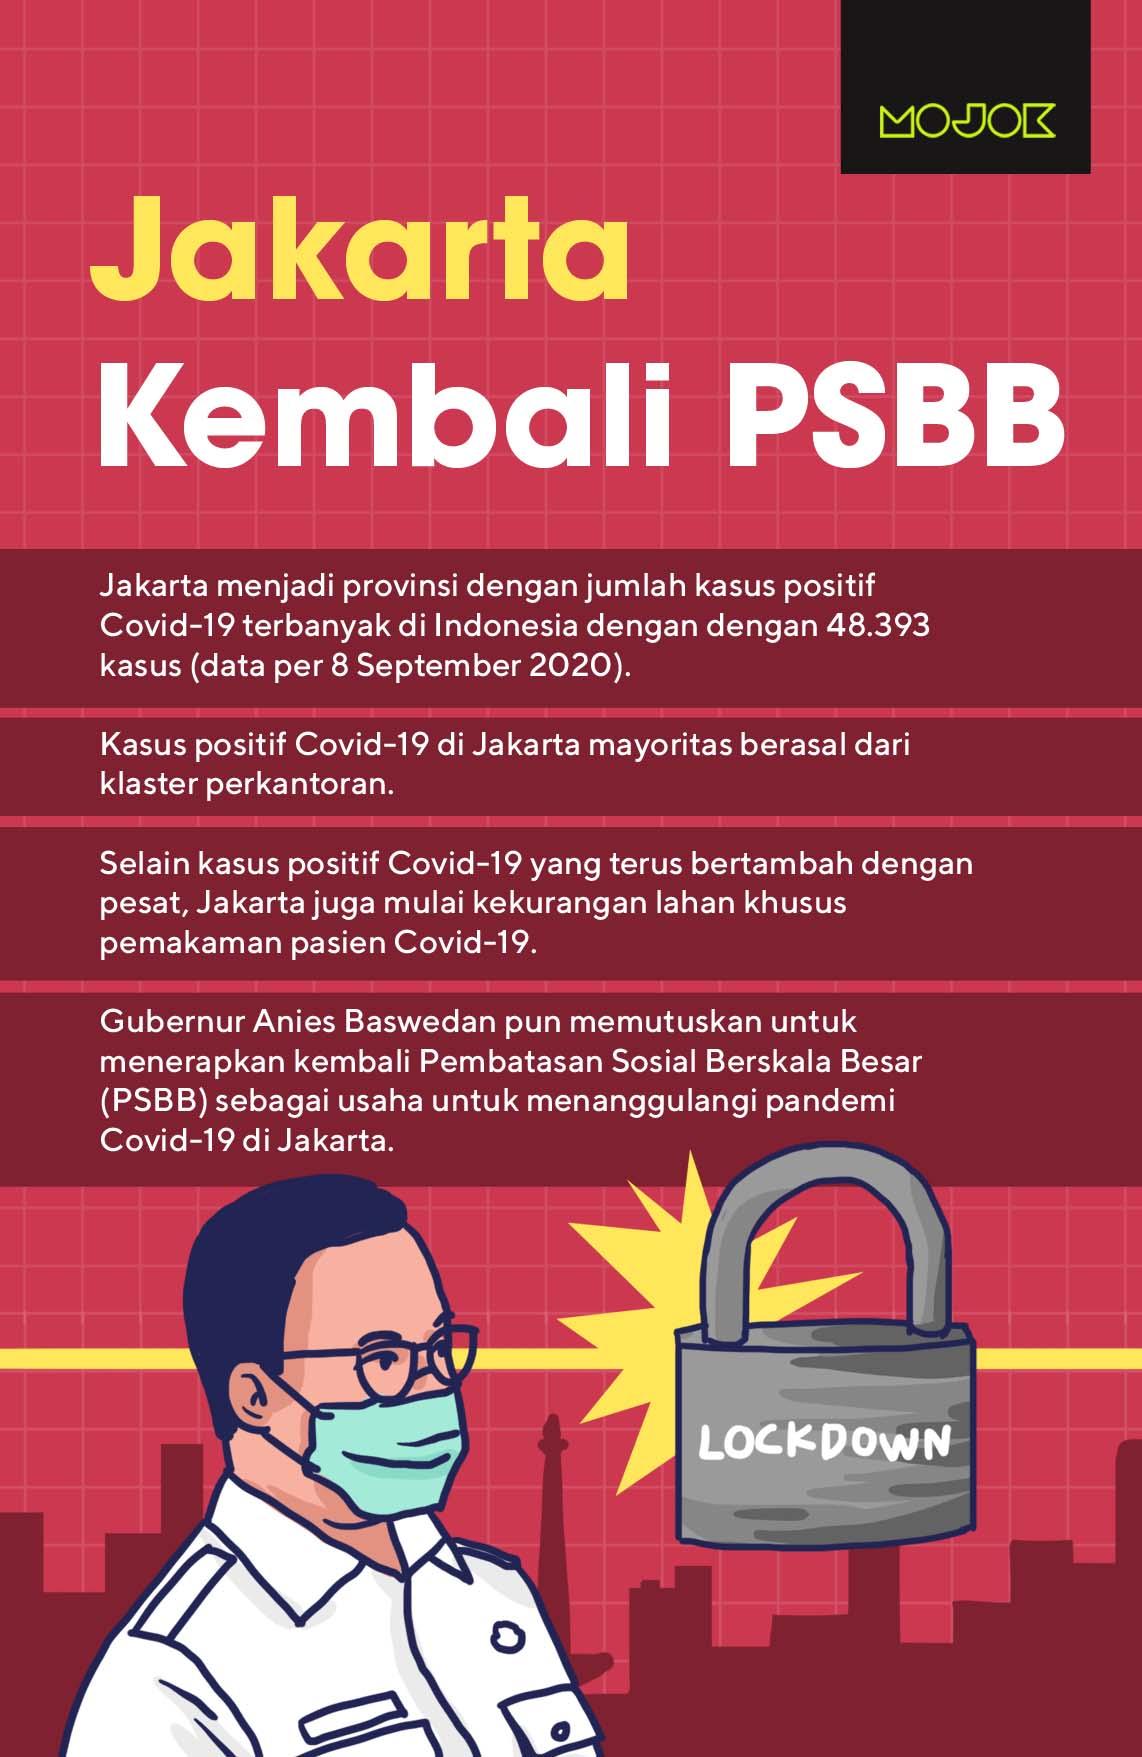 kembali PSBB